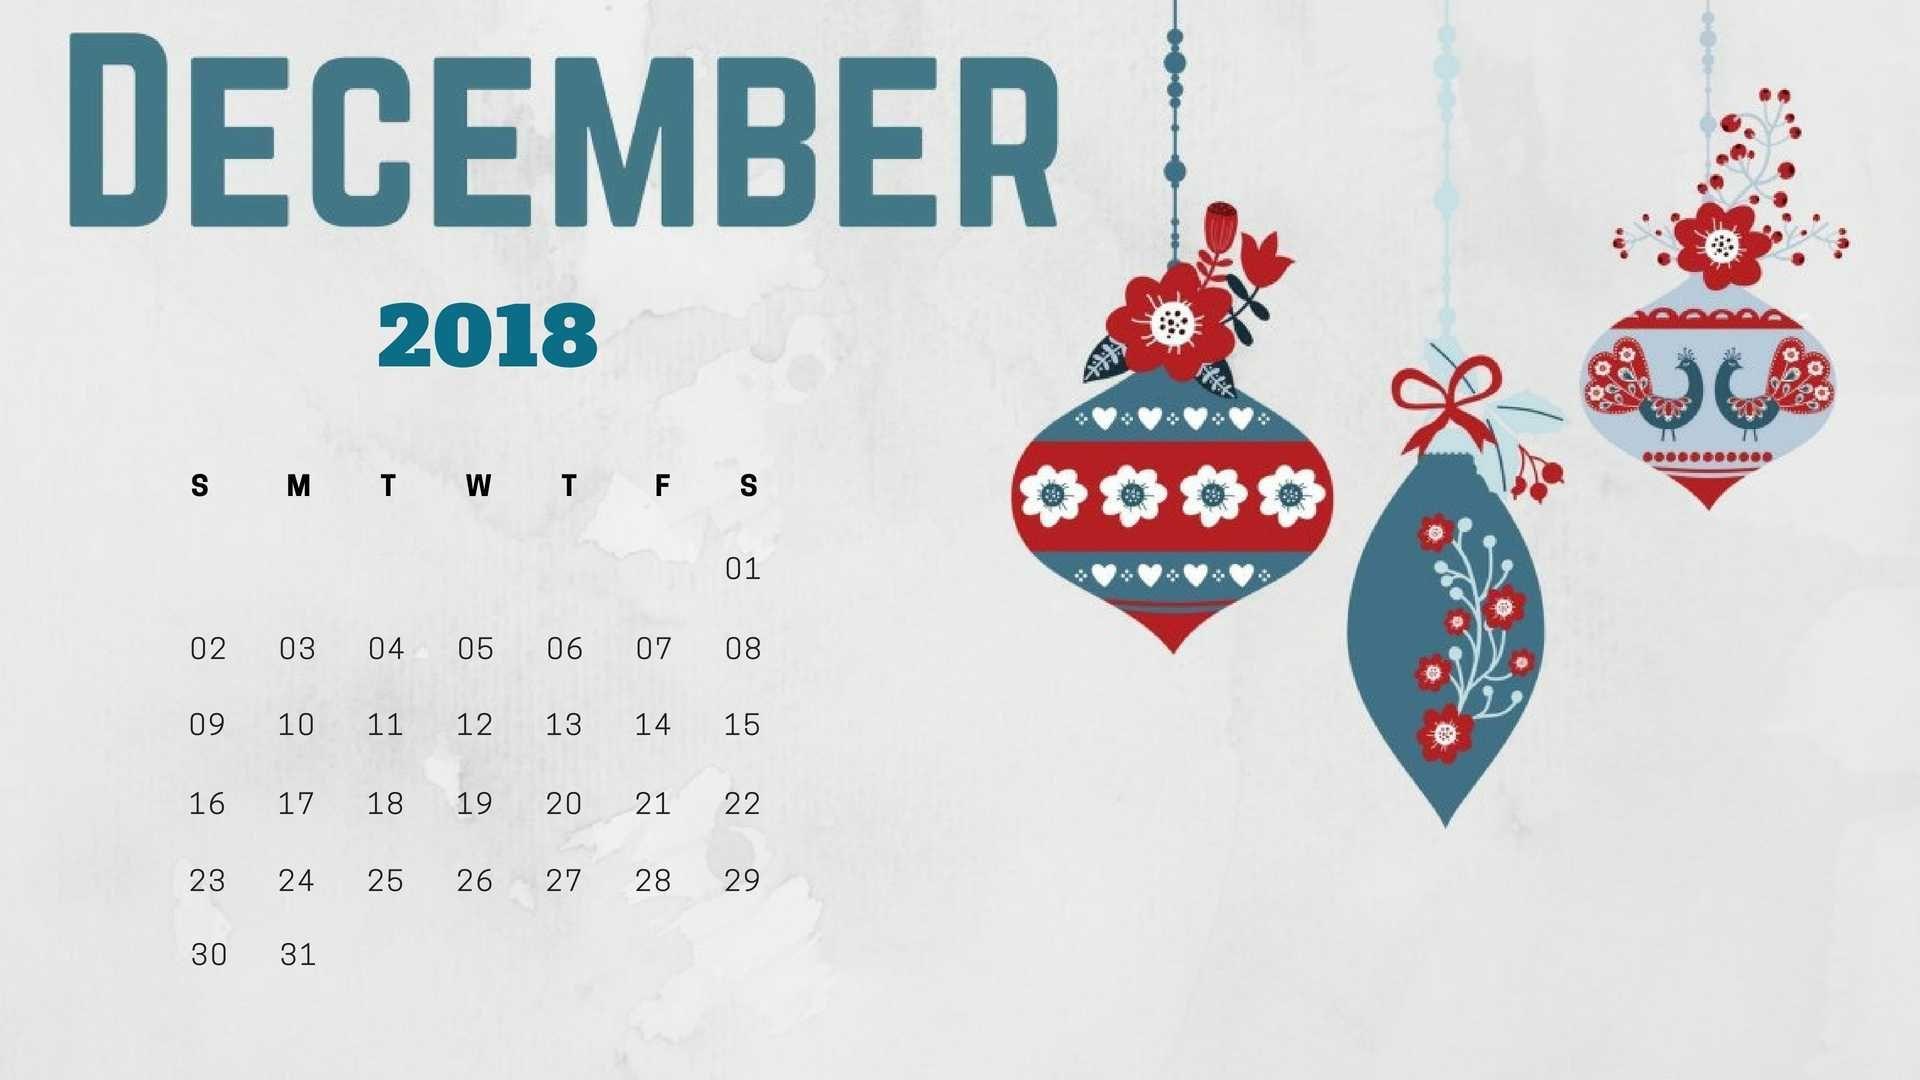 Happy31st December 2018 Greetings